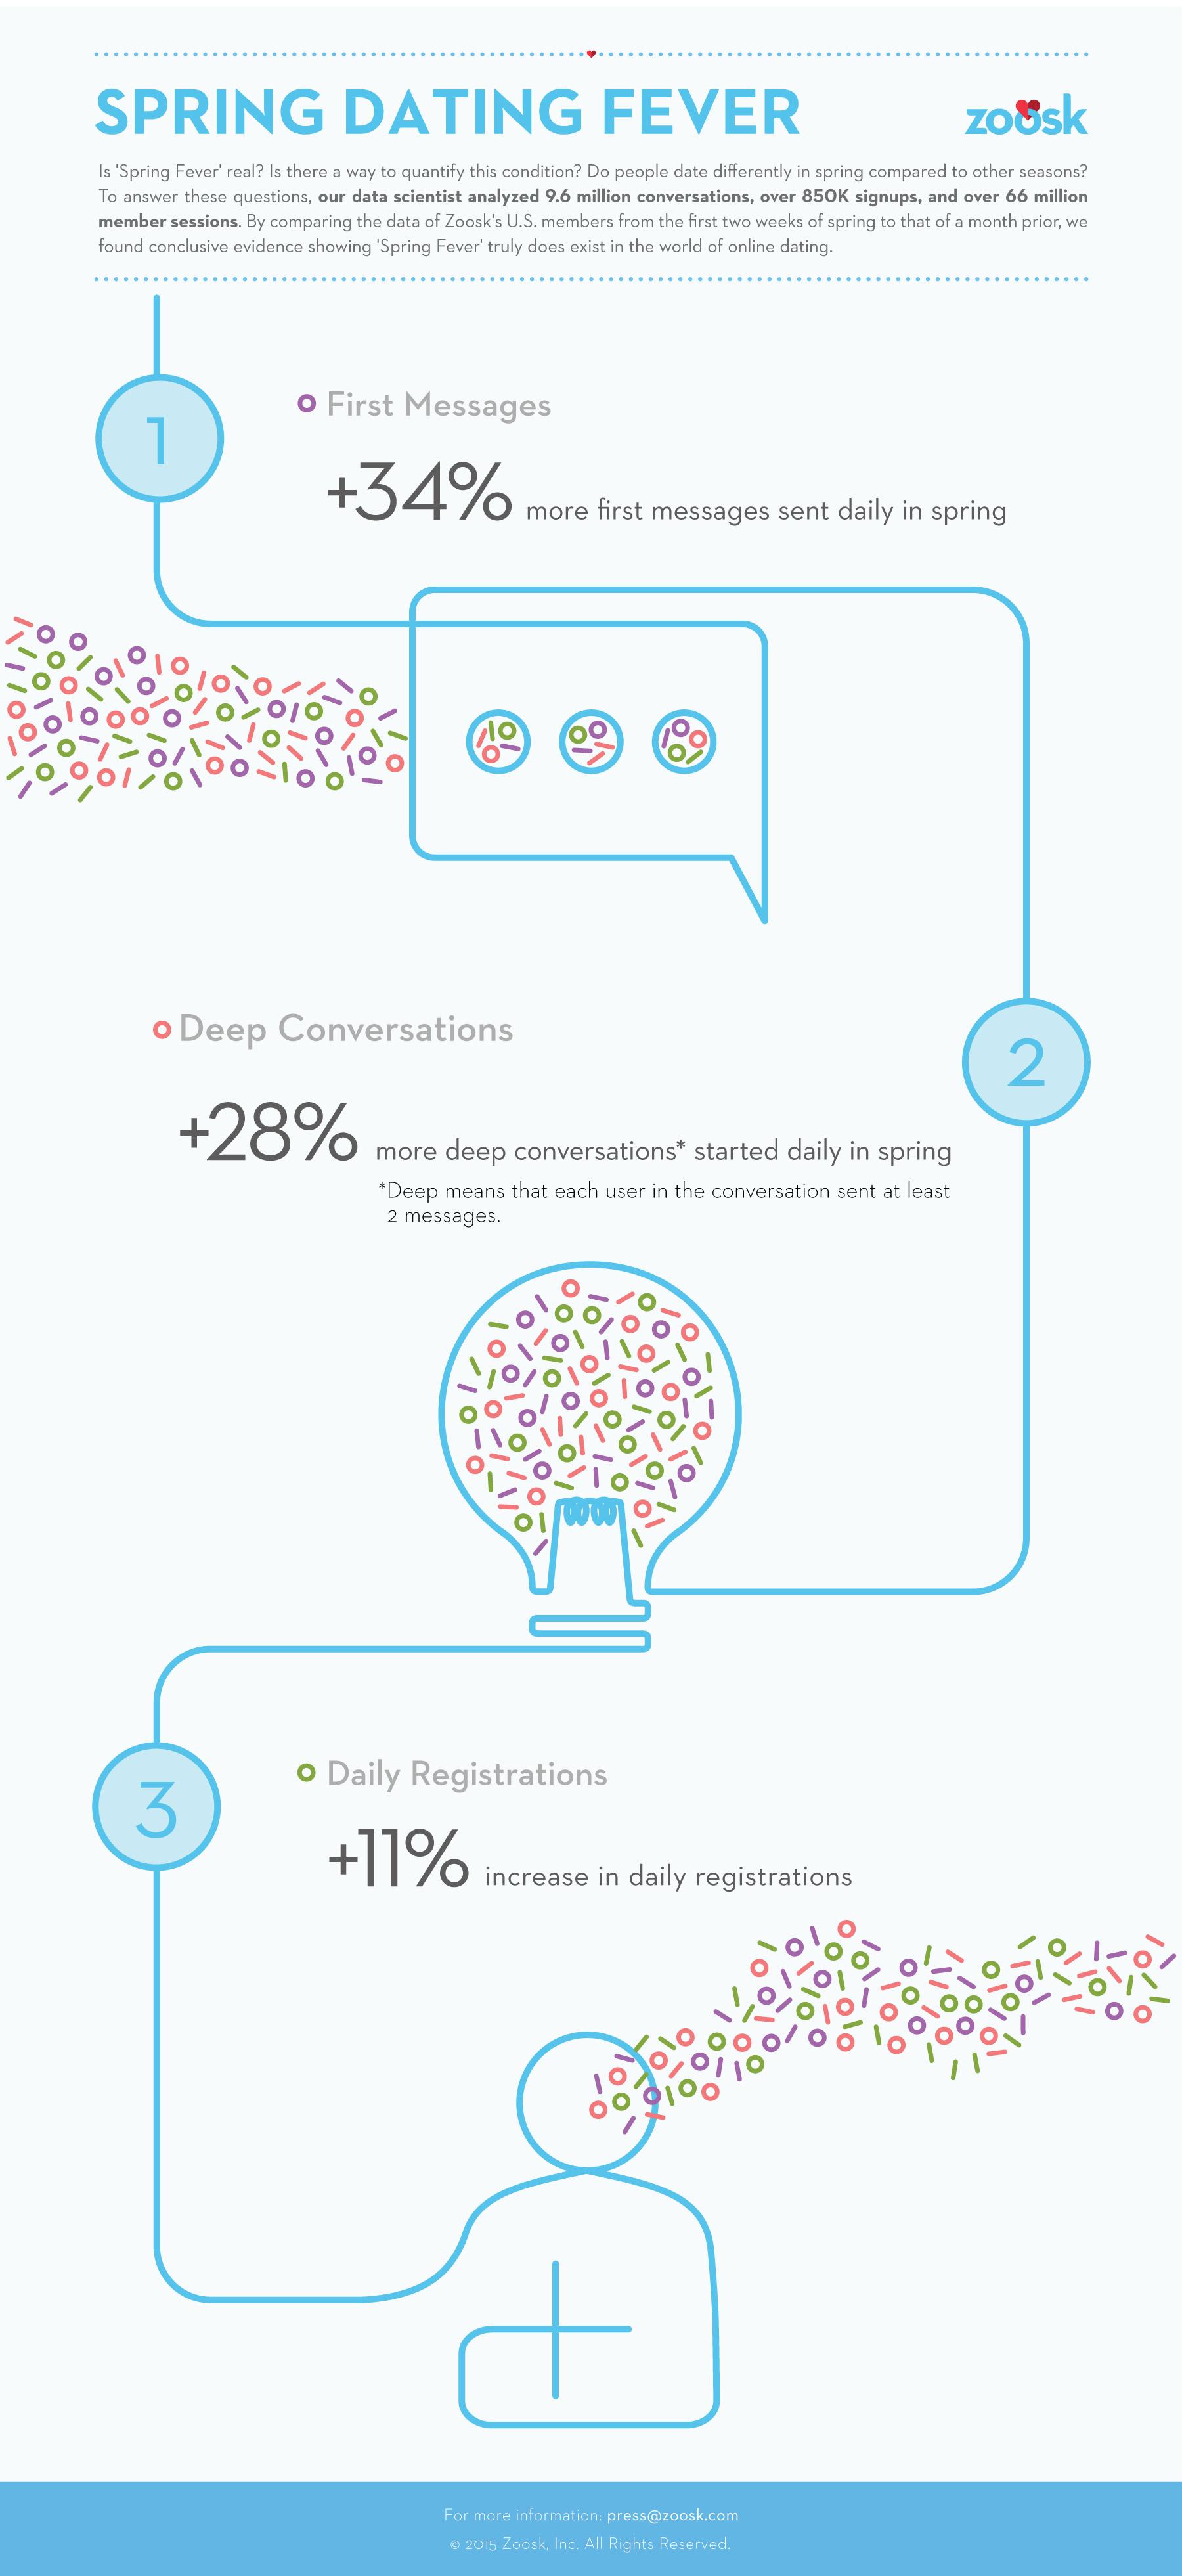 Spring_Fever_infographic_V5